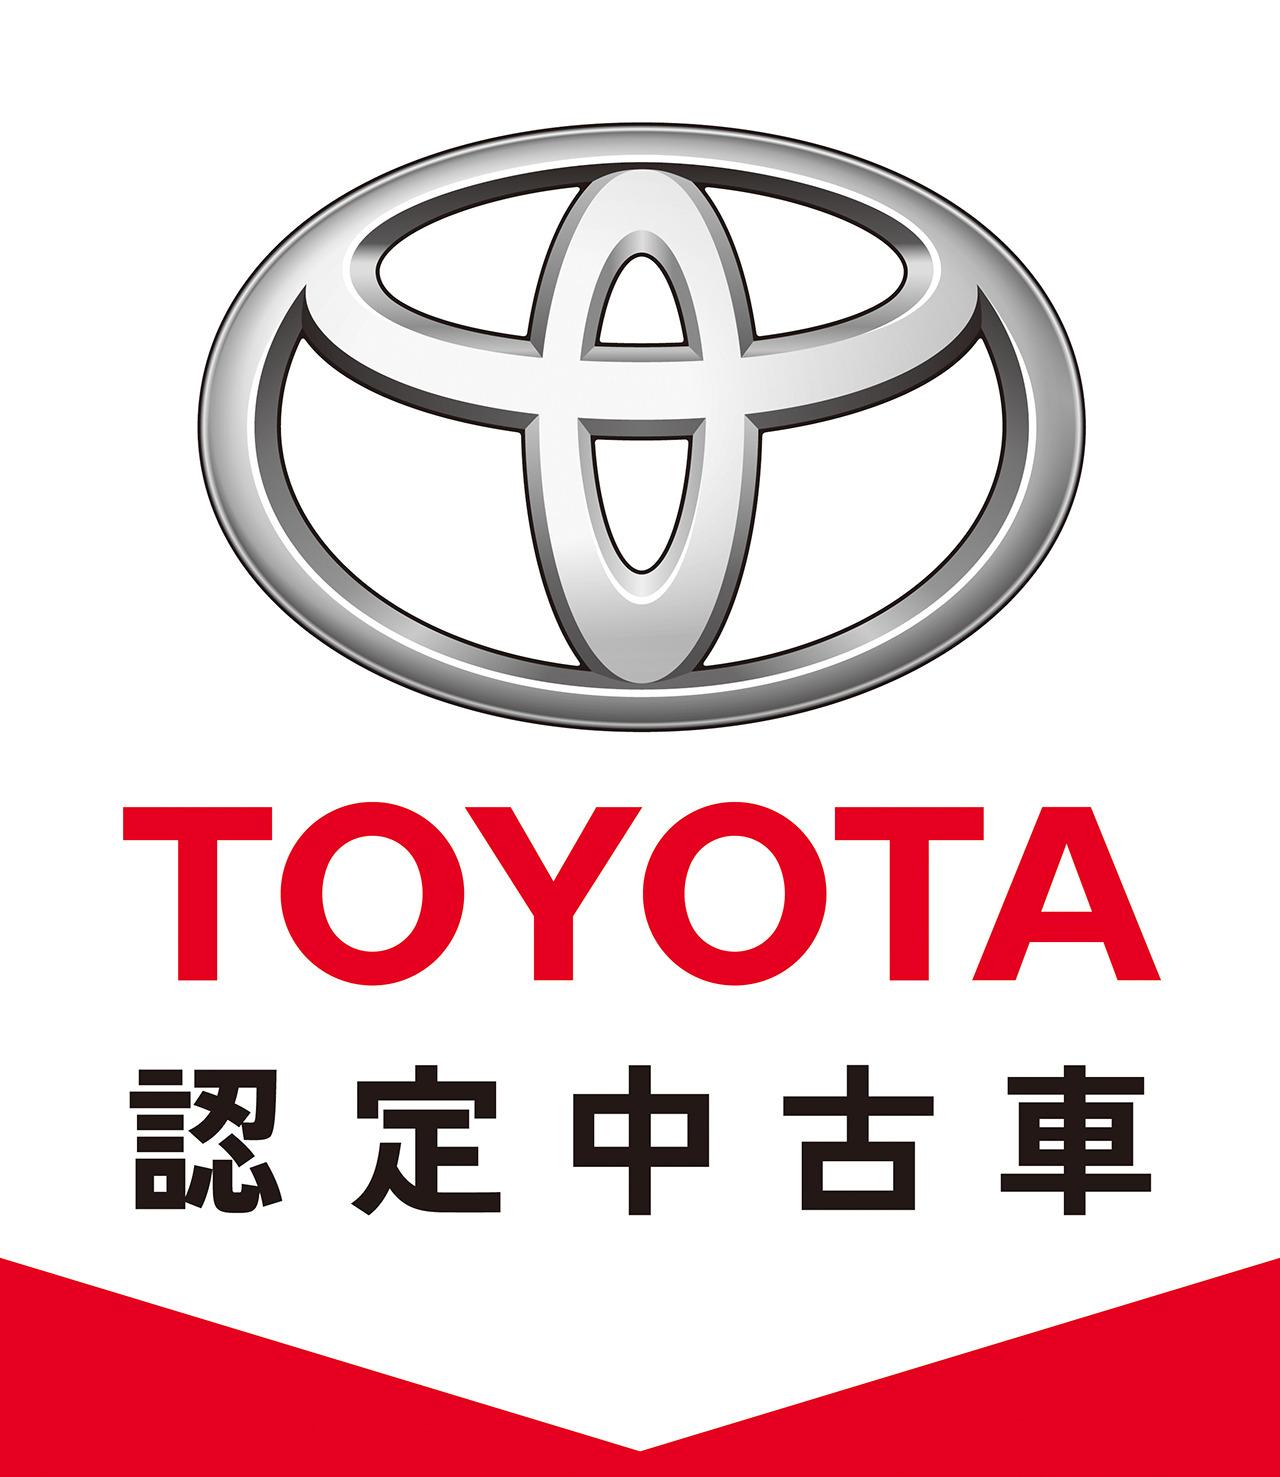 トヨタ 中古 車 トヨタ(TOYOTA)の中古車 車種・モデル別一覧